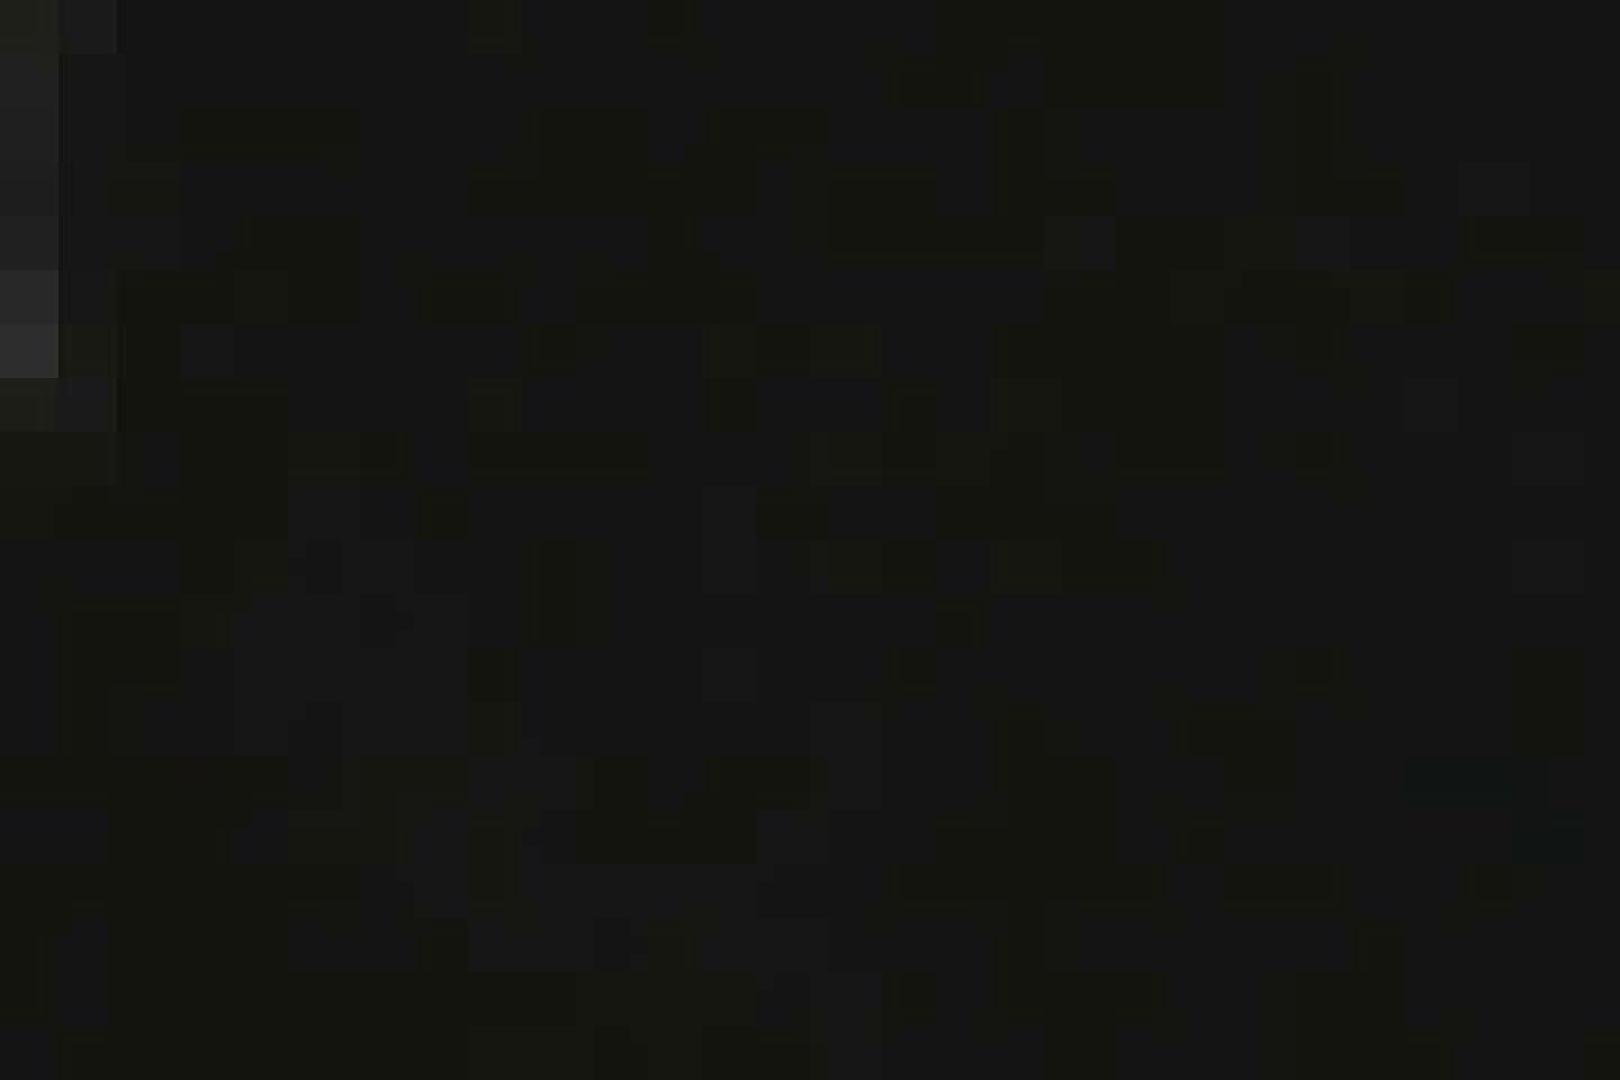 クリ責めおしっこ嬢・バージン短大生 ゆい20才Vol.1 ナンパ アダルト動画キャプチャ 111連発 51